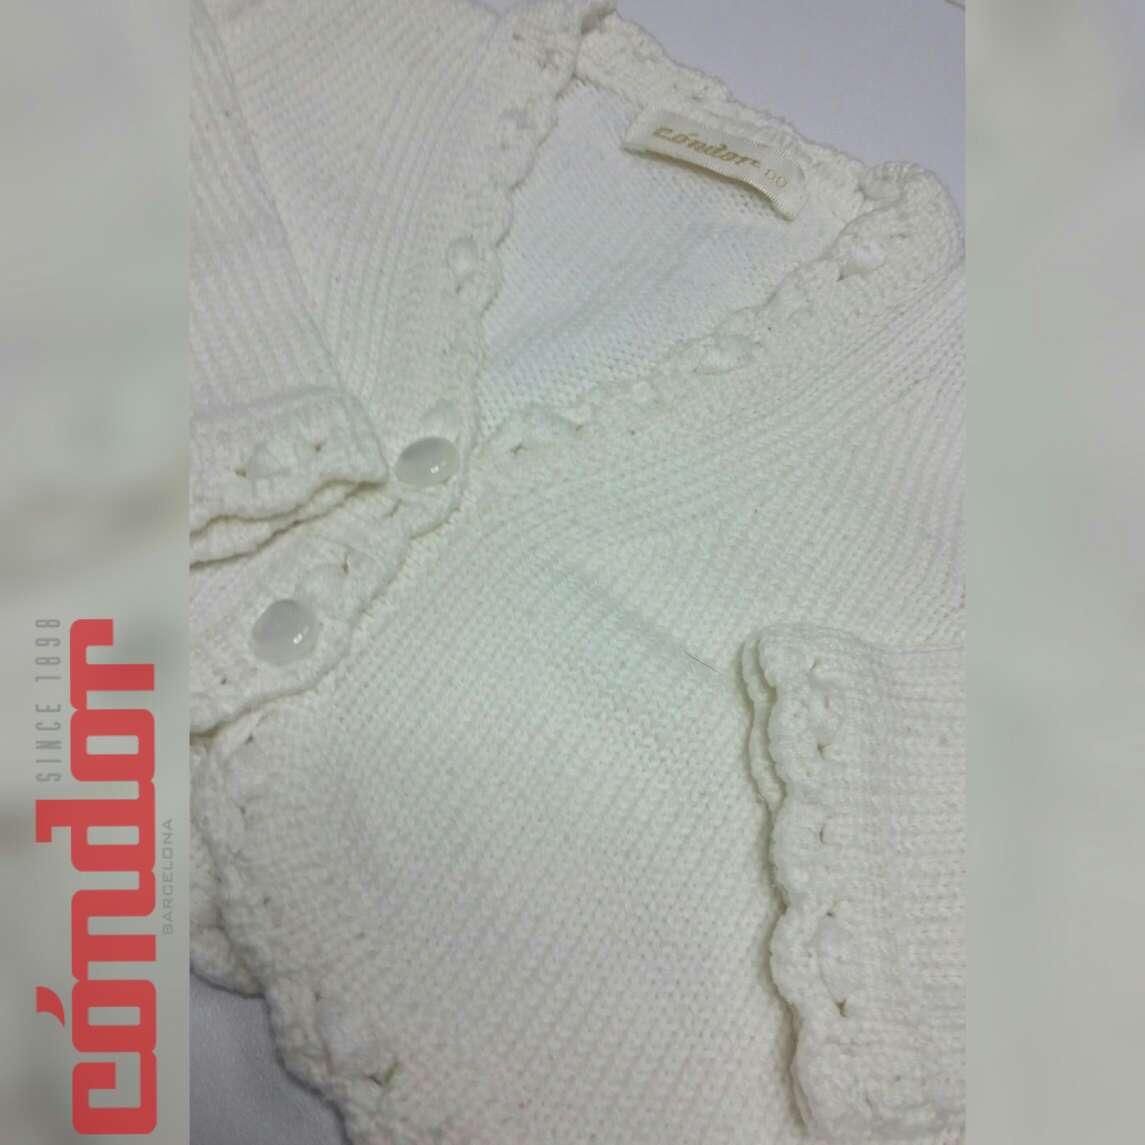 Imagen producto Condor Chaqueta bebé  2